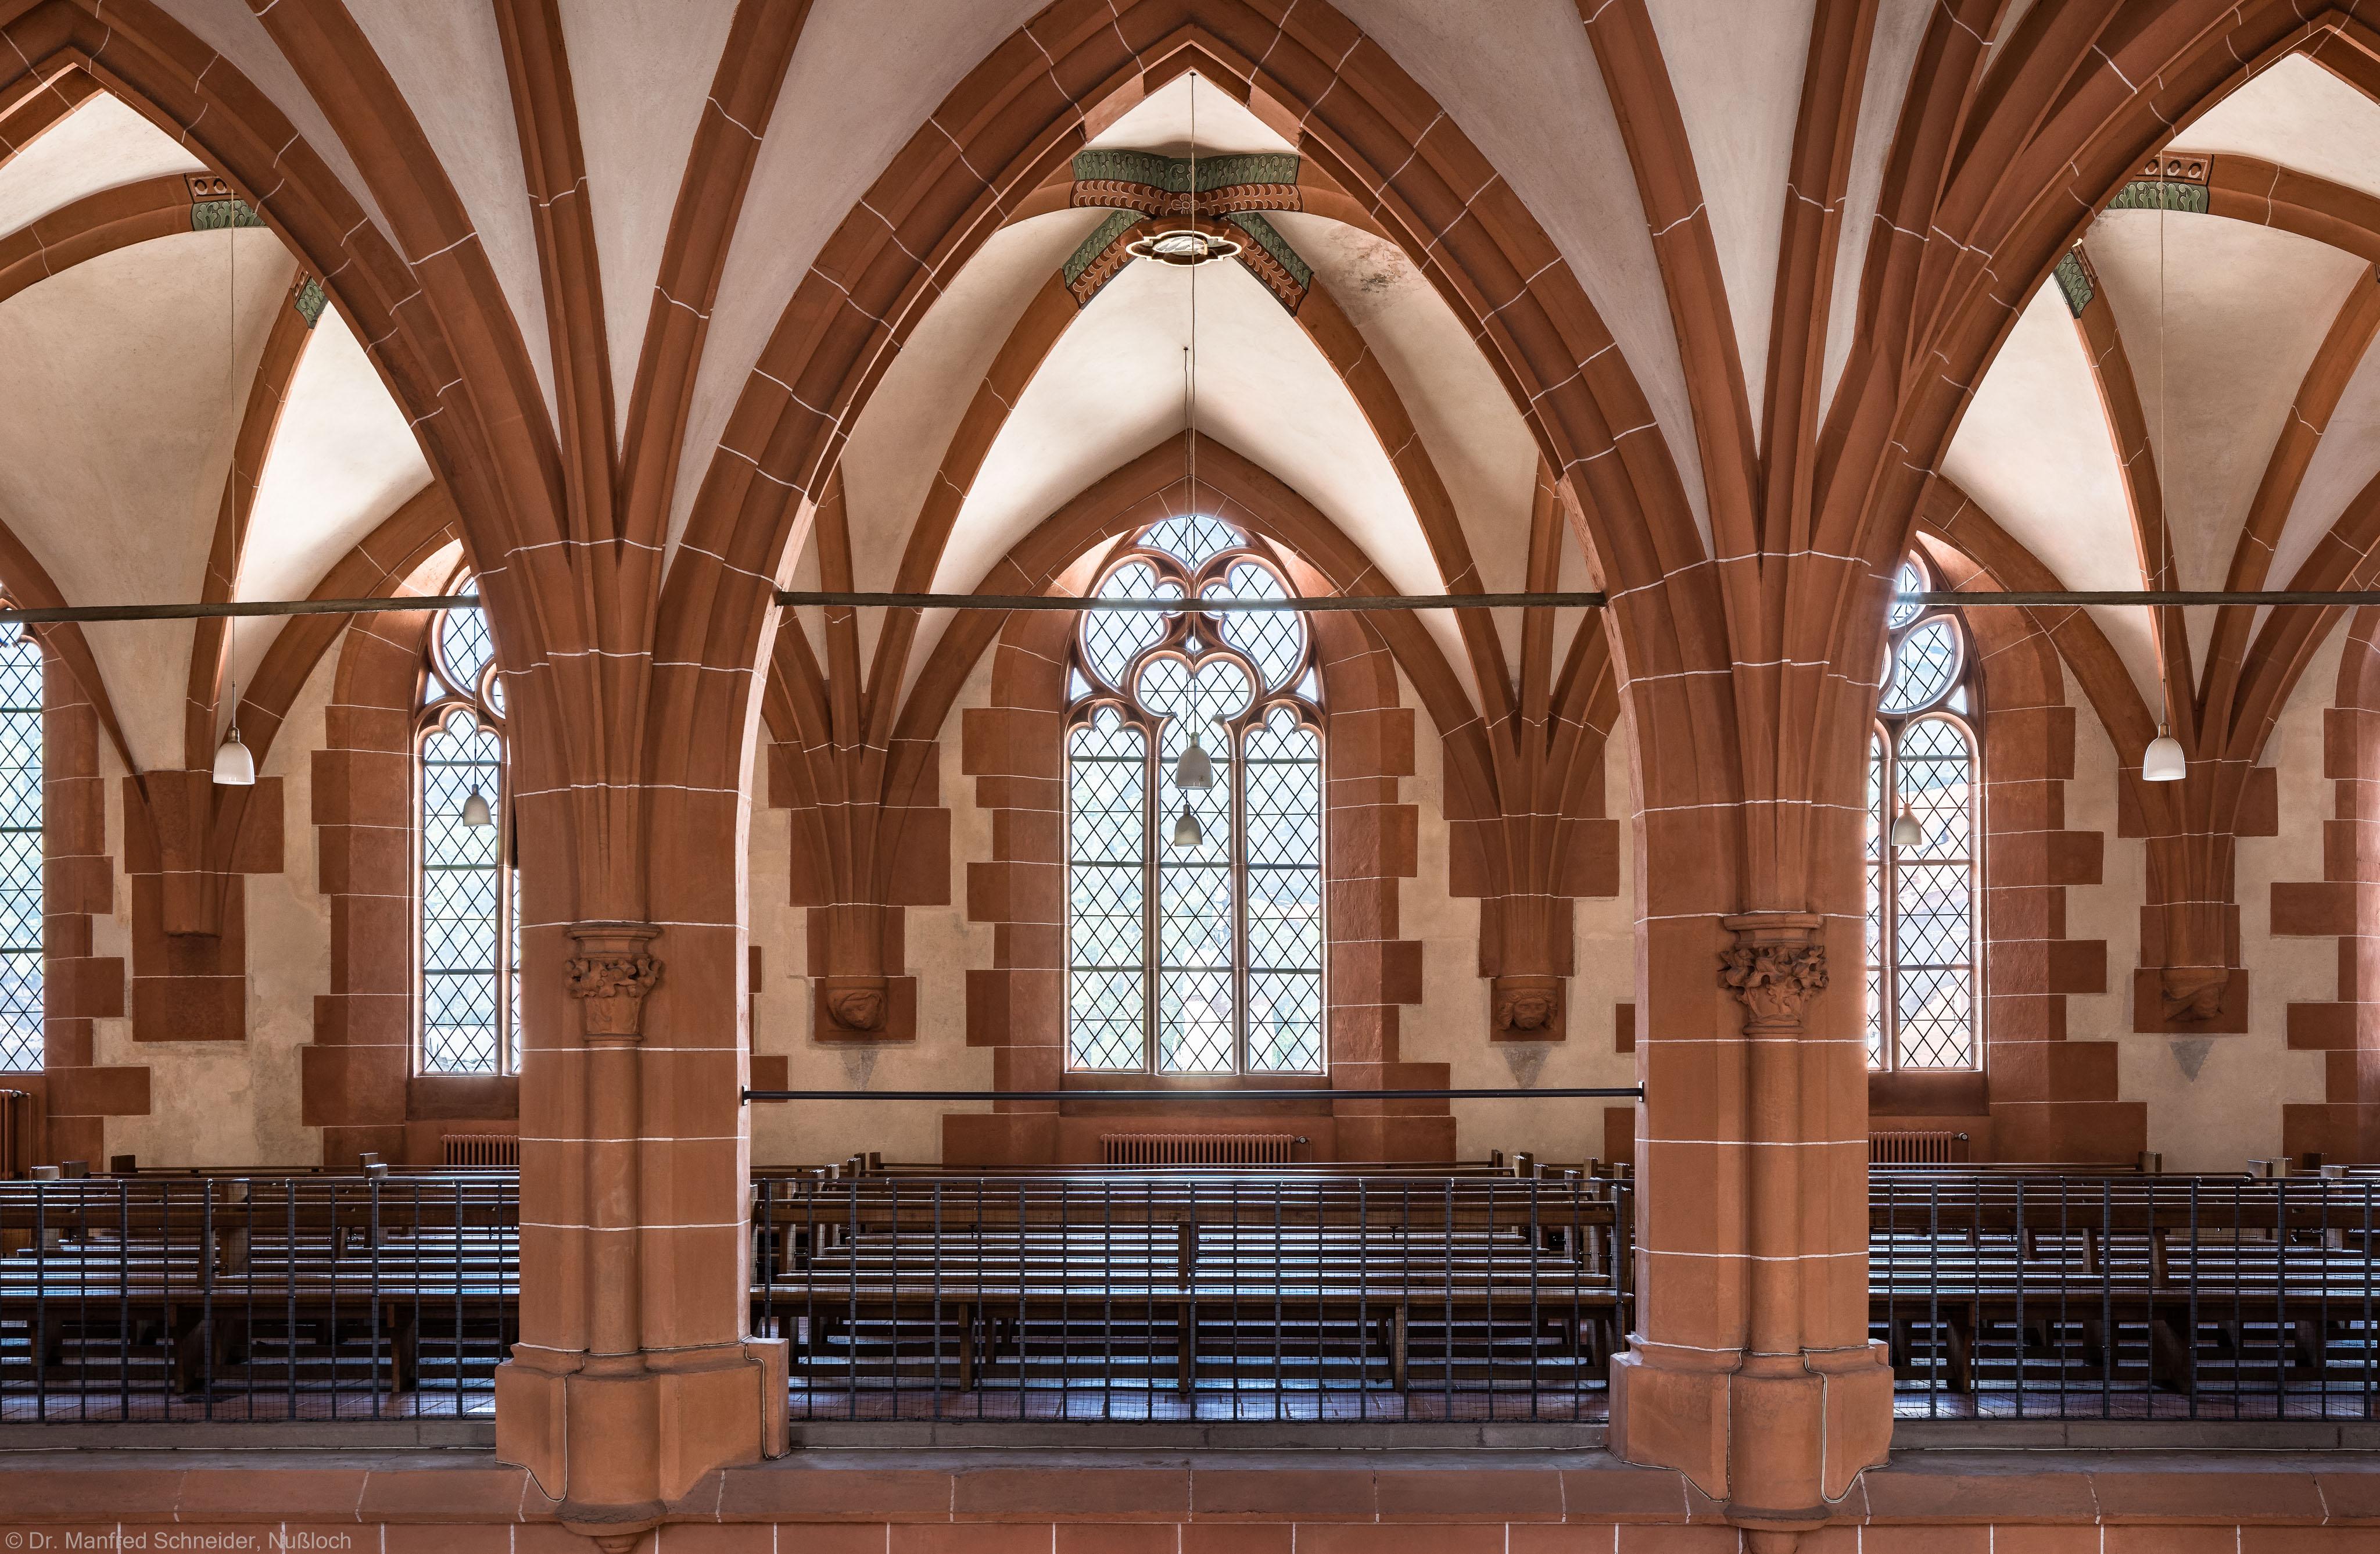 Heidelberg - Heiliggeistkirche - Nordempore - Blick von der Mitte der Südempore auf die Nordempore (aufgenommen im Juni 2015, am späten Nachmittag)